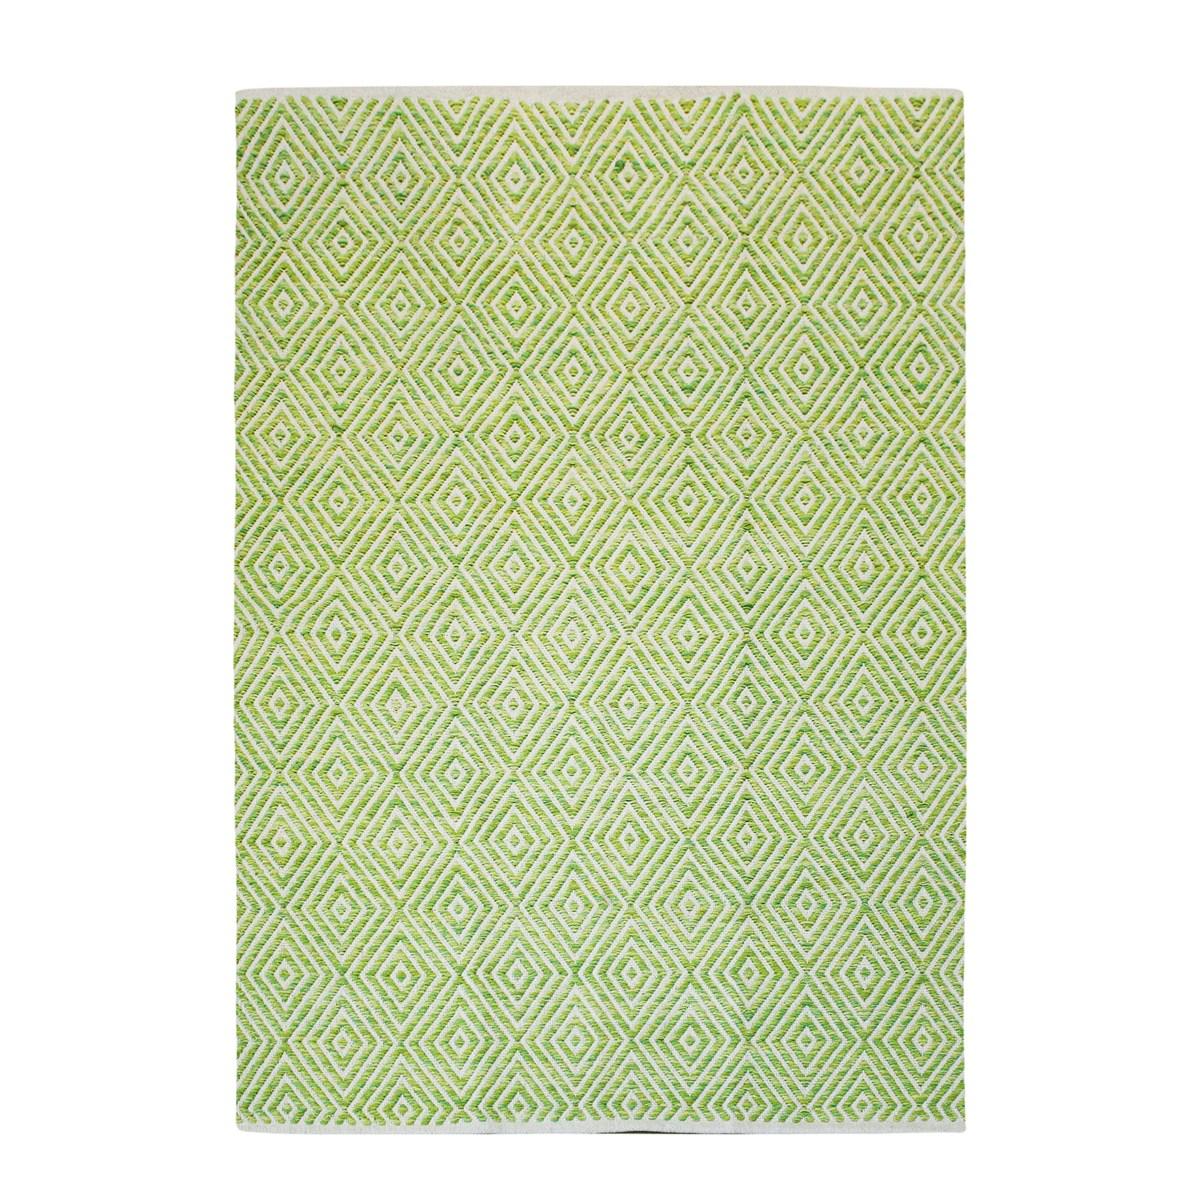 Tapis design en Coton Vert pistache 120x170 cm